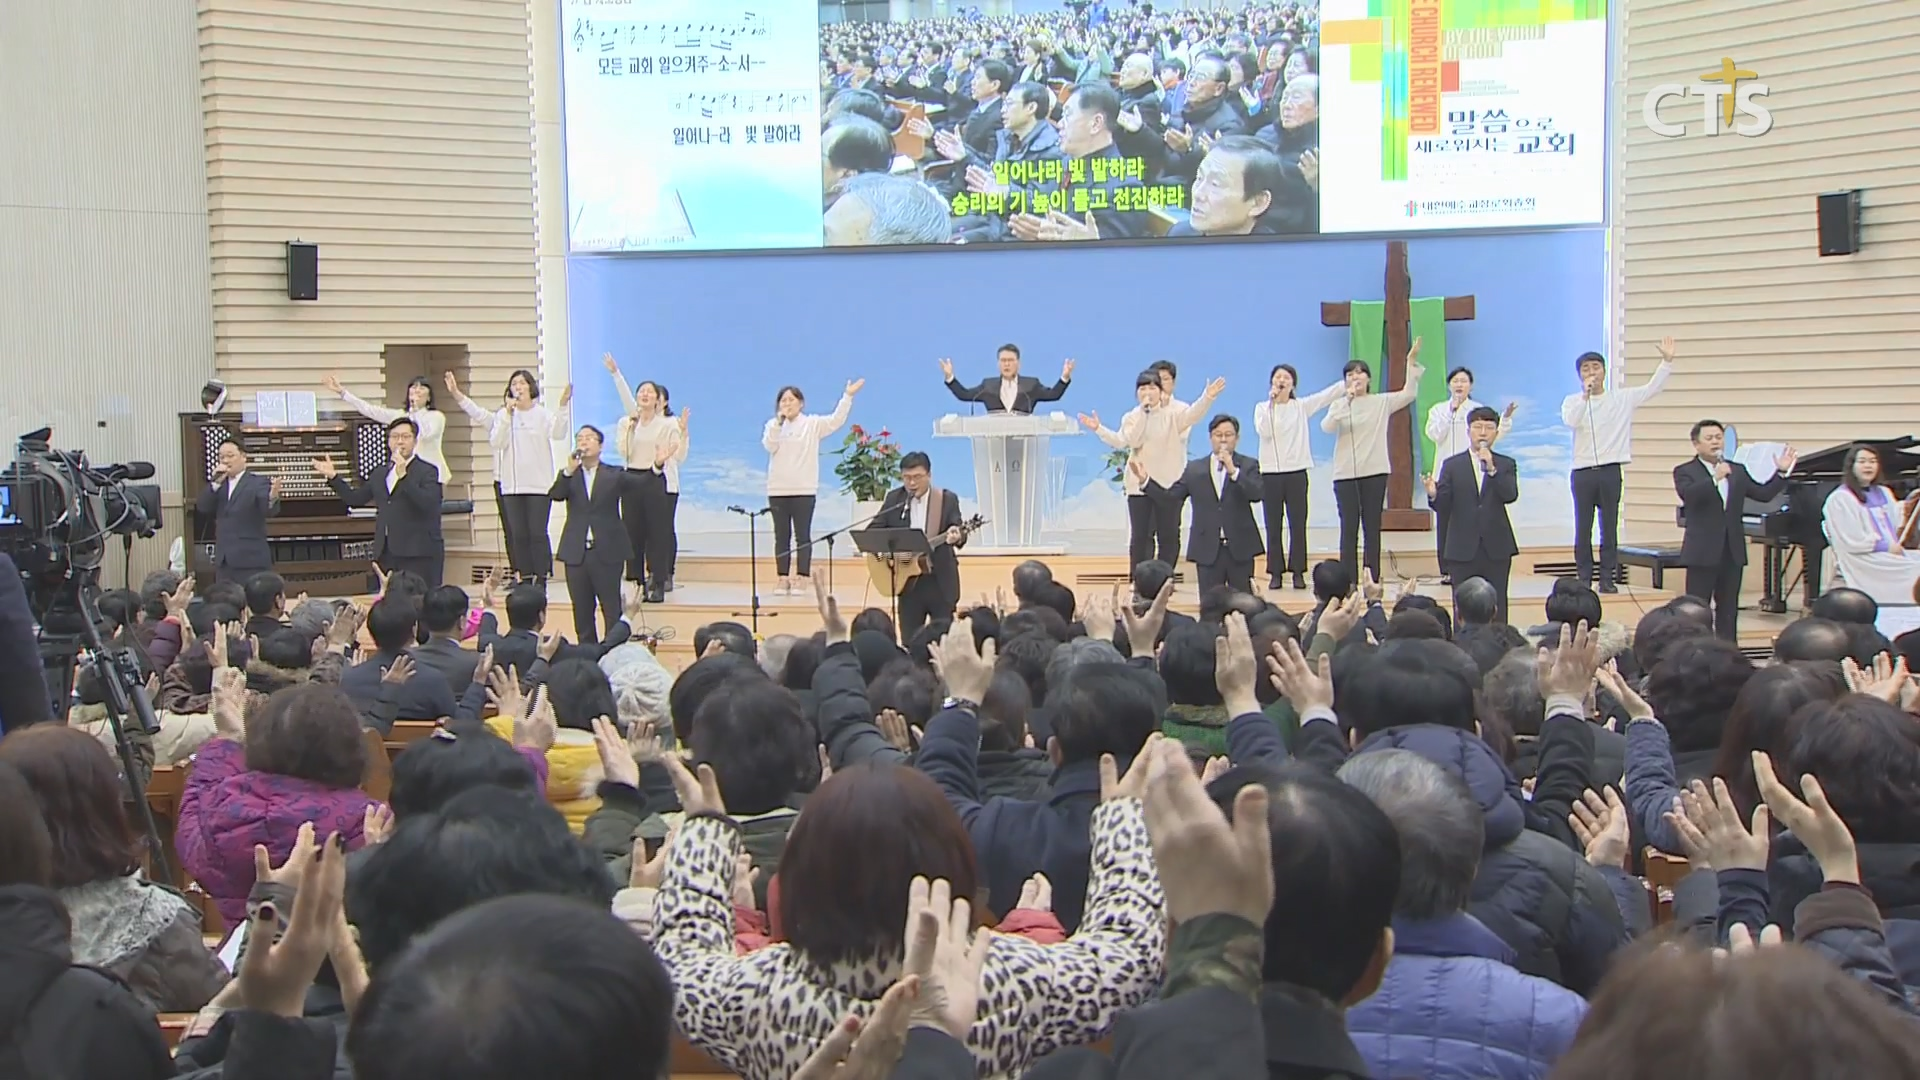 한국교회가 새해를 기도로 깨웁니다! 한국교회 2020 신년 특별새벽기도회